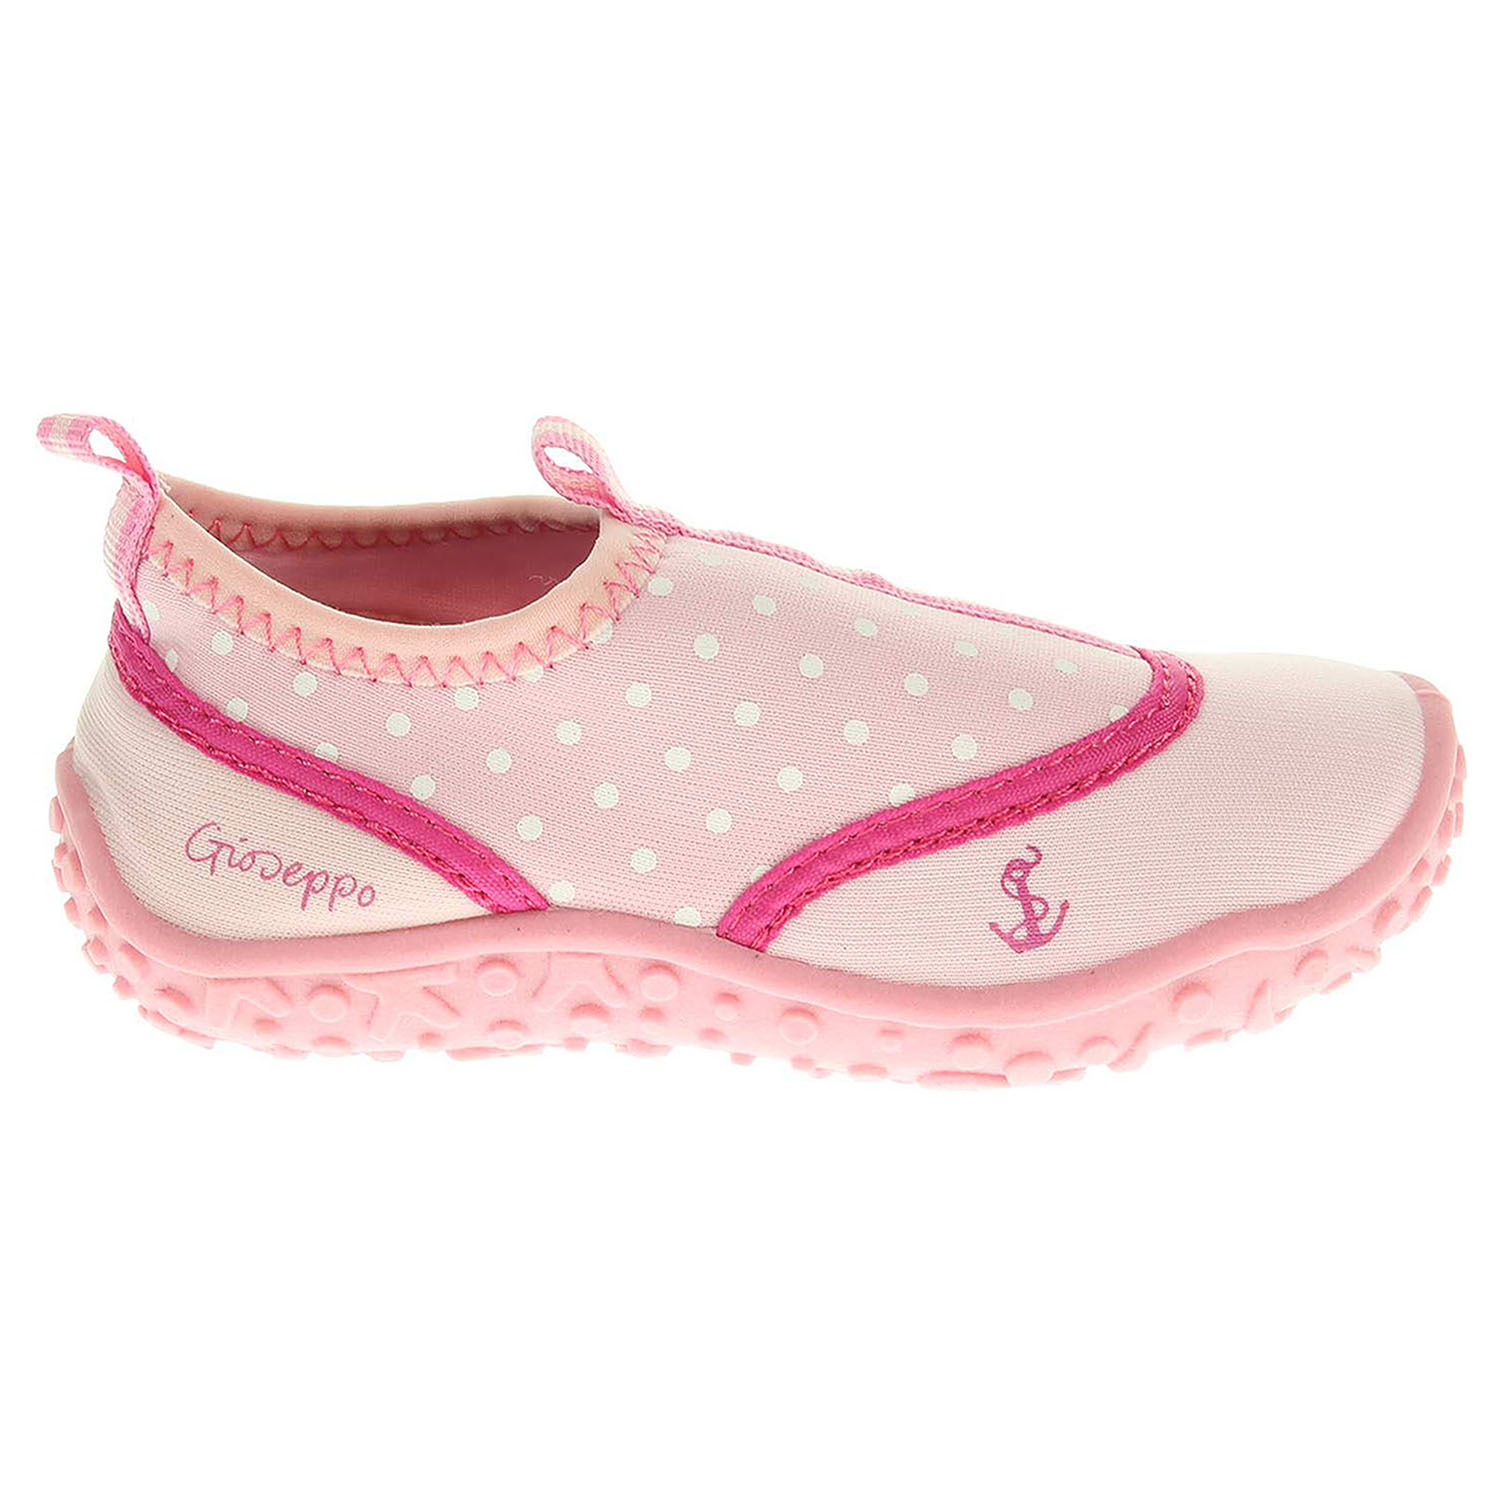 Gioseppo Mesina pink dívčí obuv do vody 23